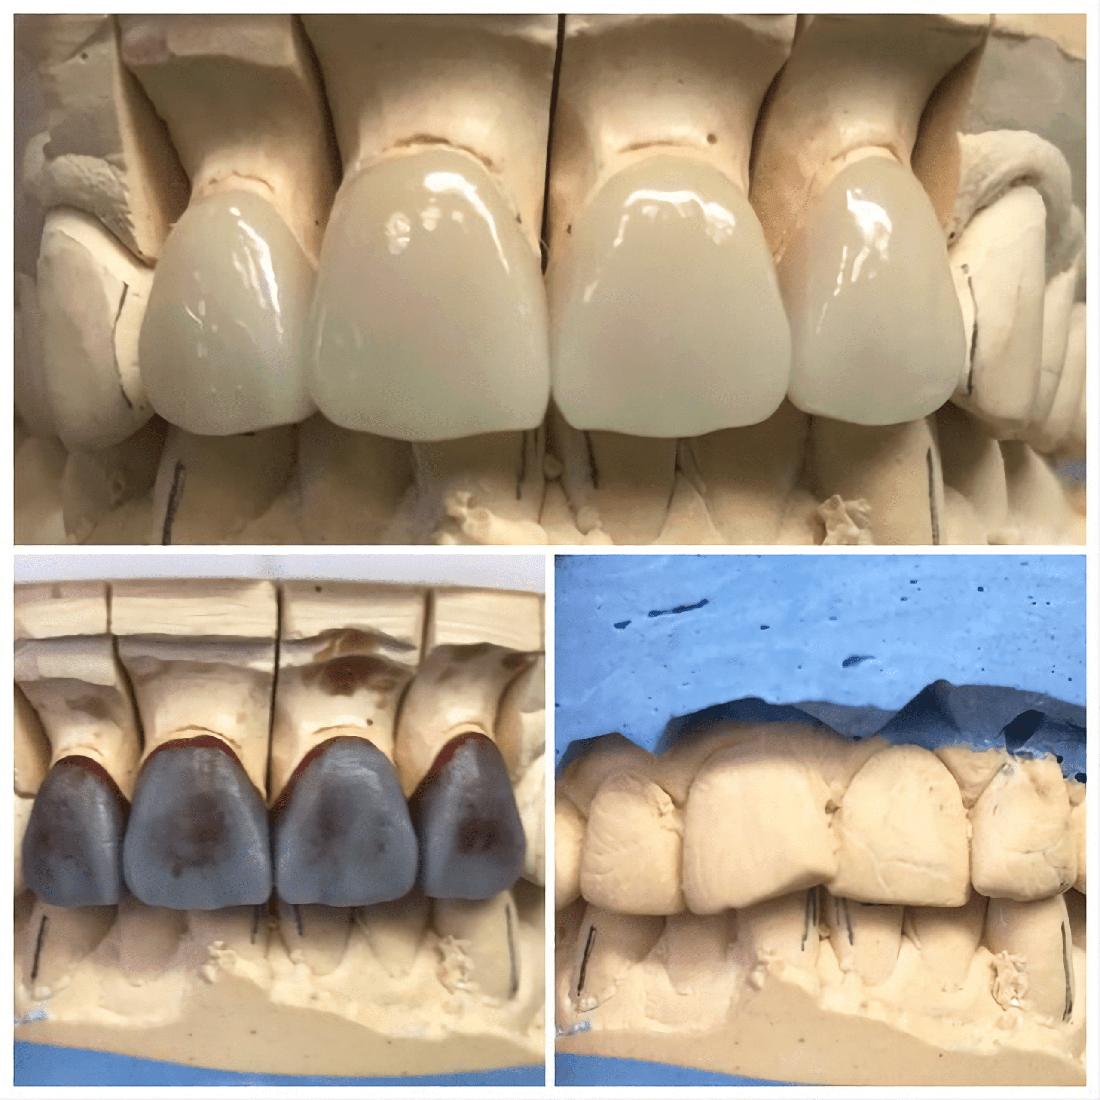 Три стадии изготовления керамических виниров в лаборатории стоматологии Дудко и сыновья. Зубной техник - Пасичник Иван.